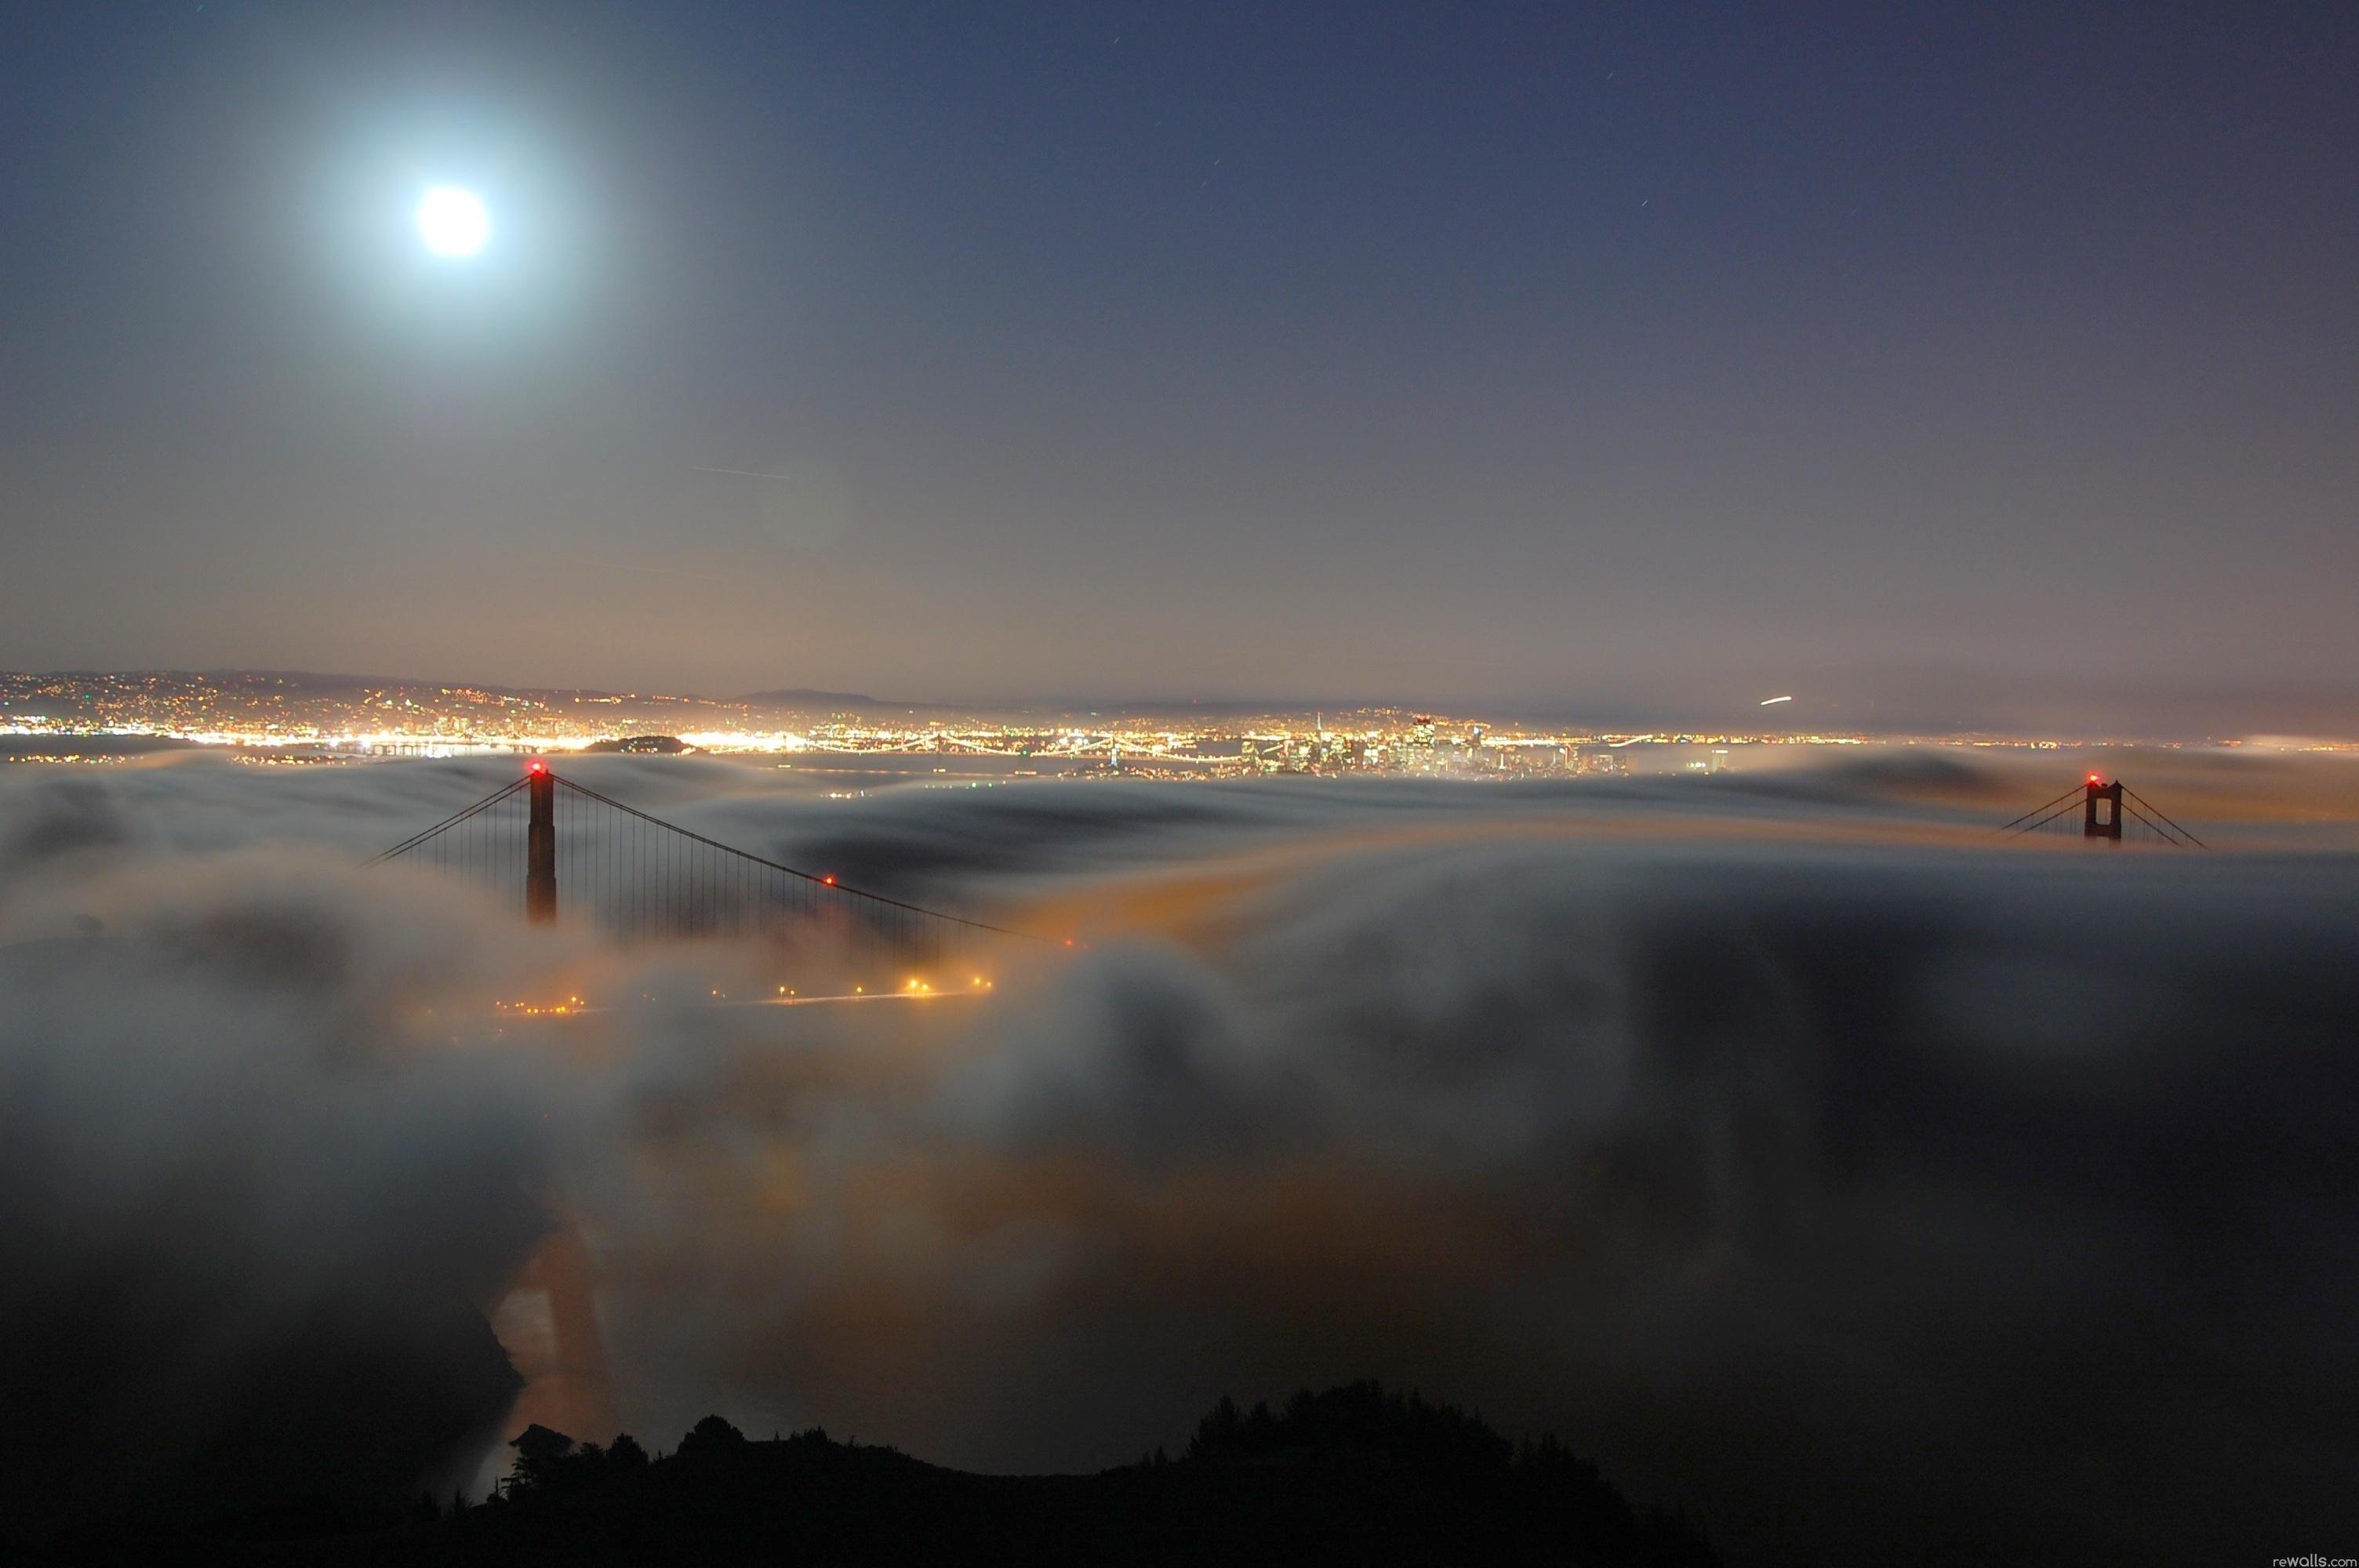 Написать комментарий на Города в тумане. Изображение к новости. от